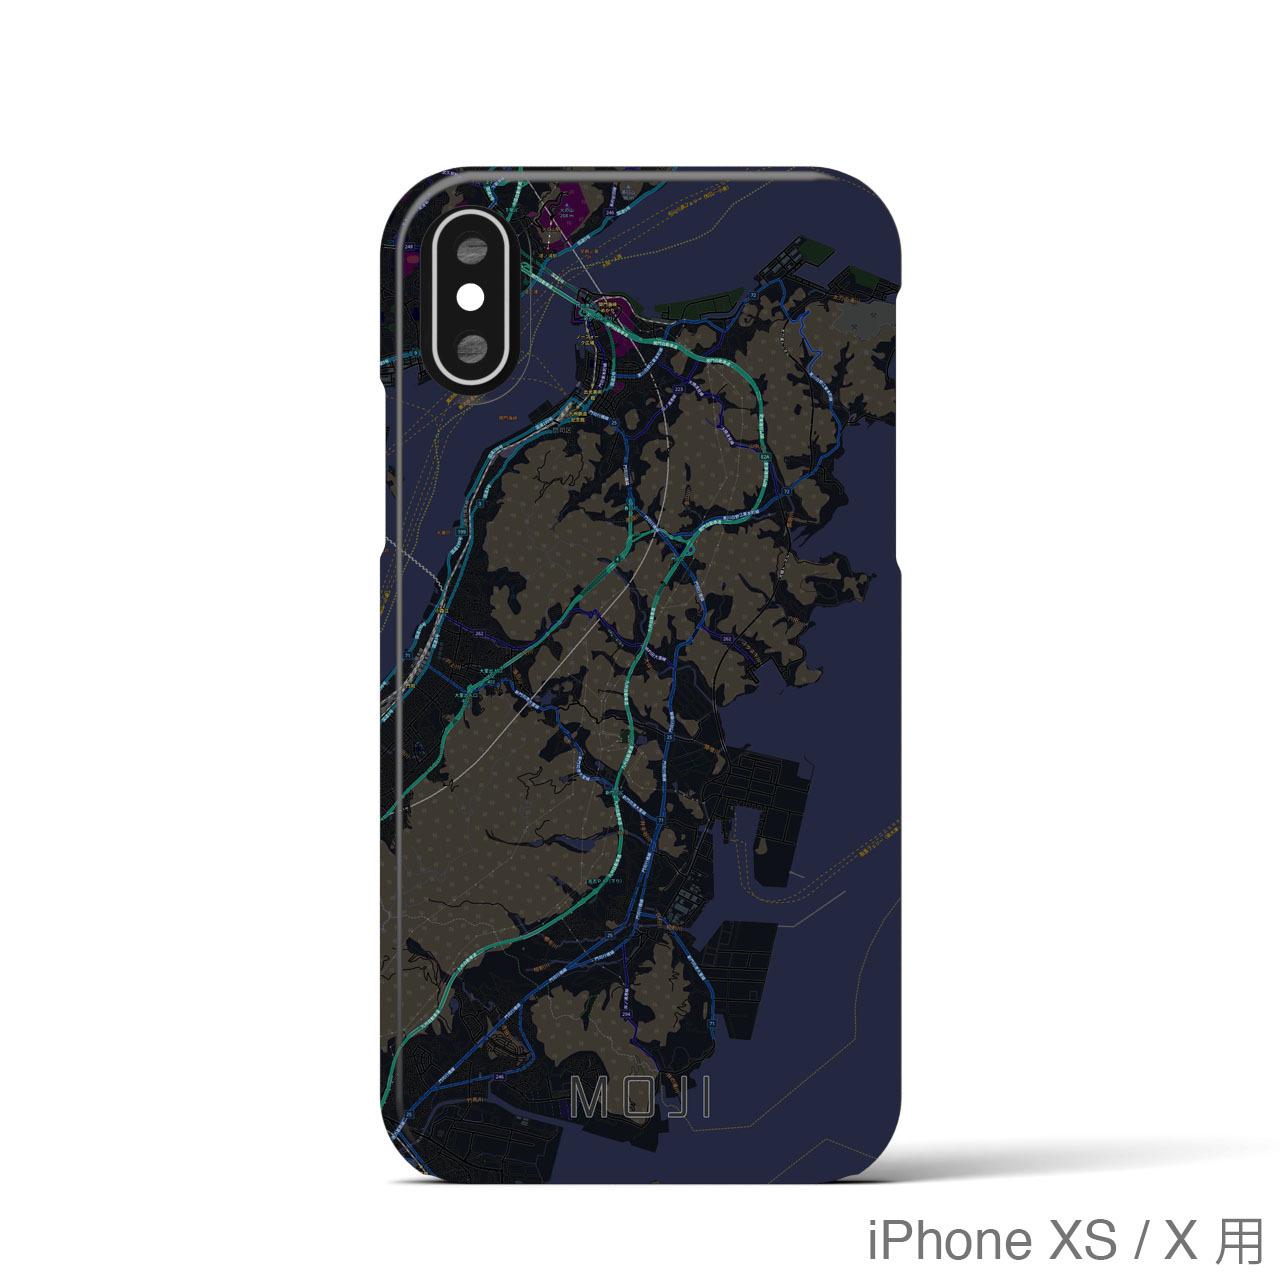 【門司】地図柄iPhoneケース(バックカバータイプ・ブラック)